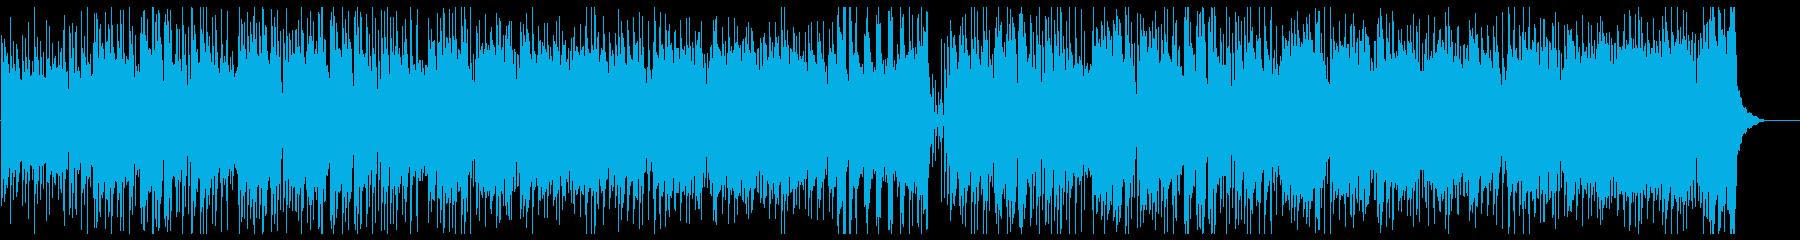 笛・太鼓がメインのどっしりした和風楽曲の再生済みの波形